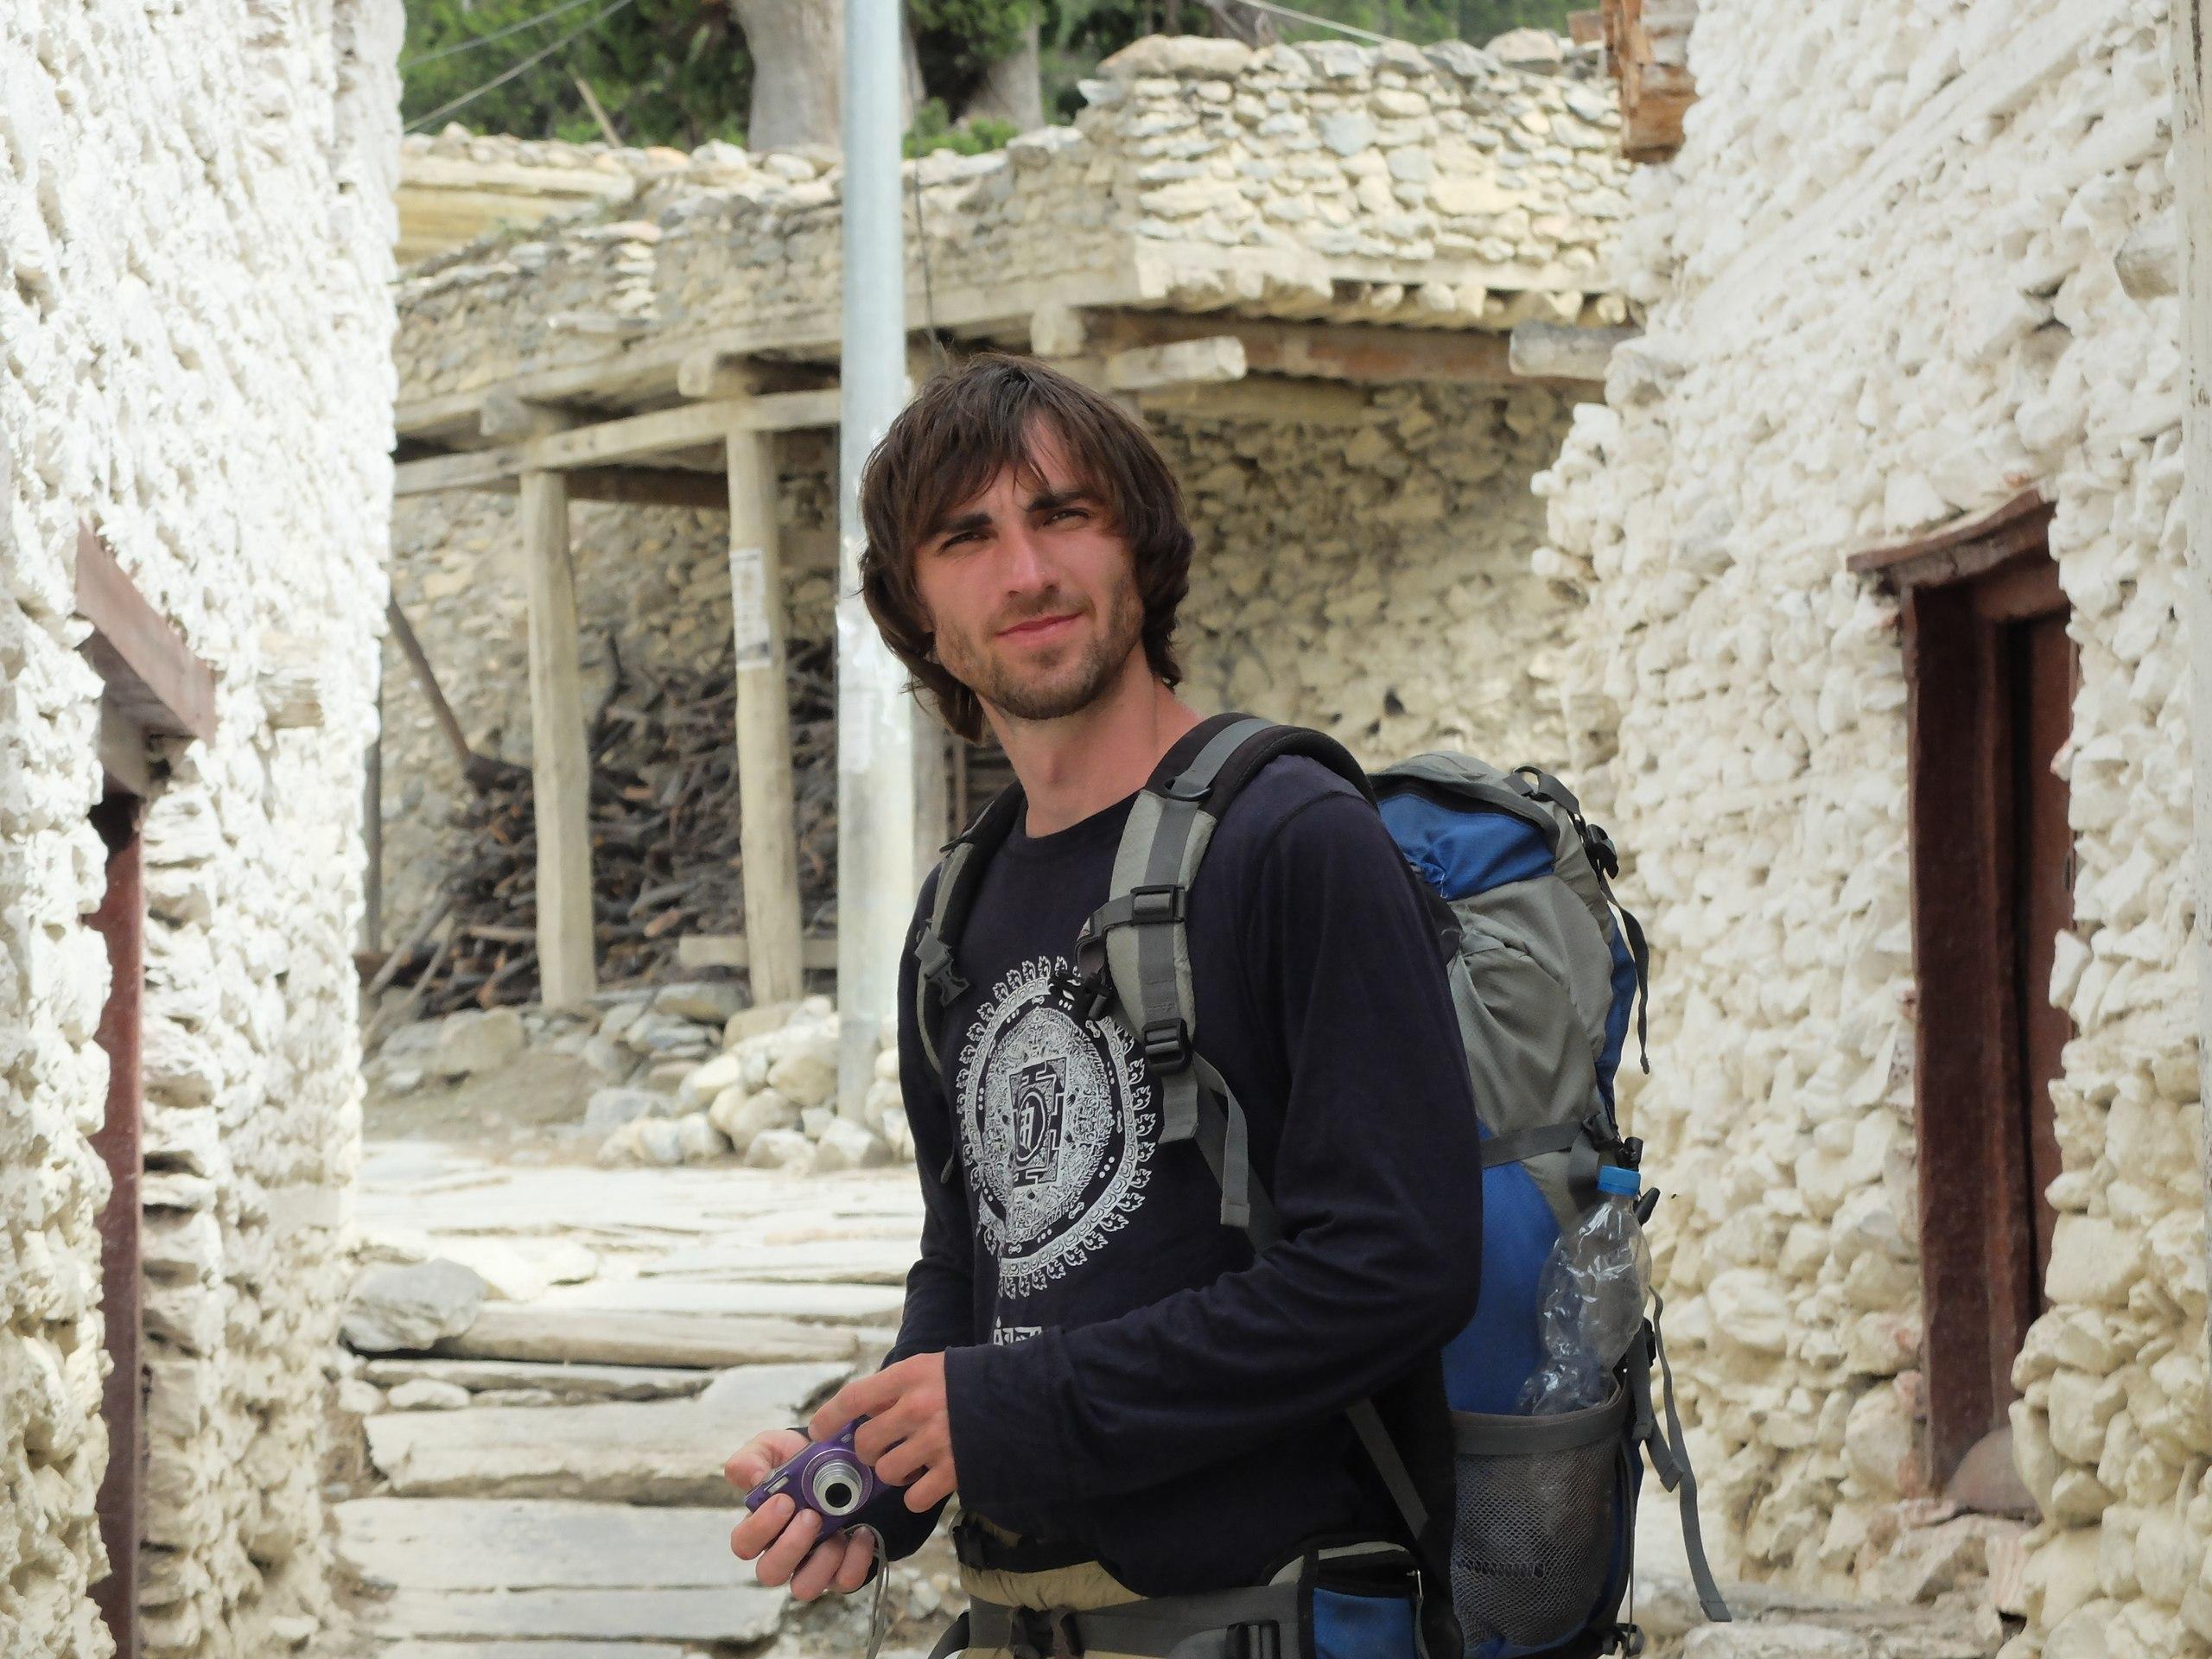 Конференция с экспертом: путешественник Владимир Жуков о том, как объехать 53 страны без денег и остаться счастливым